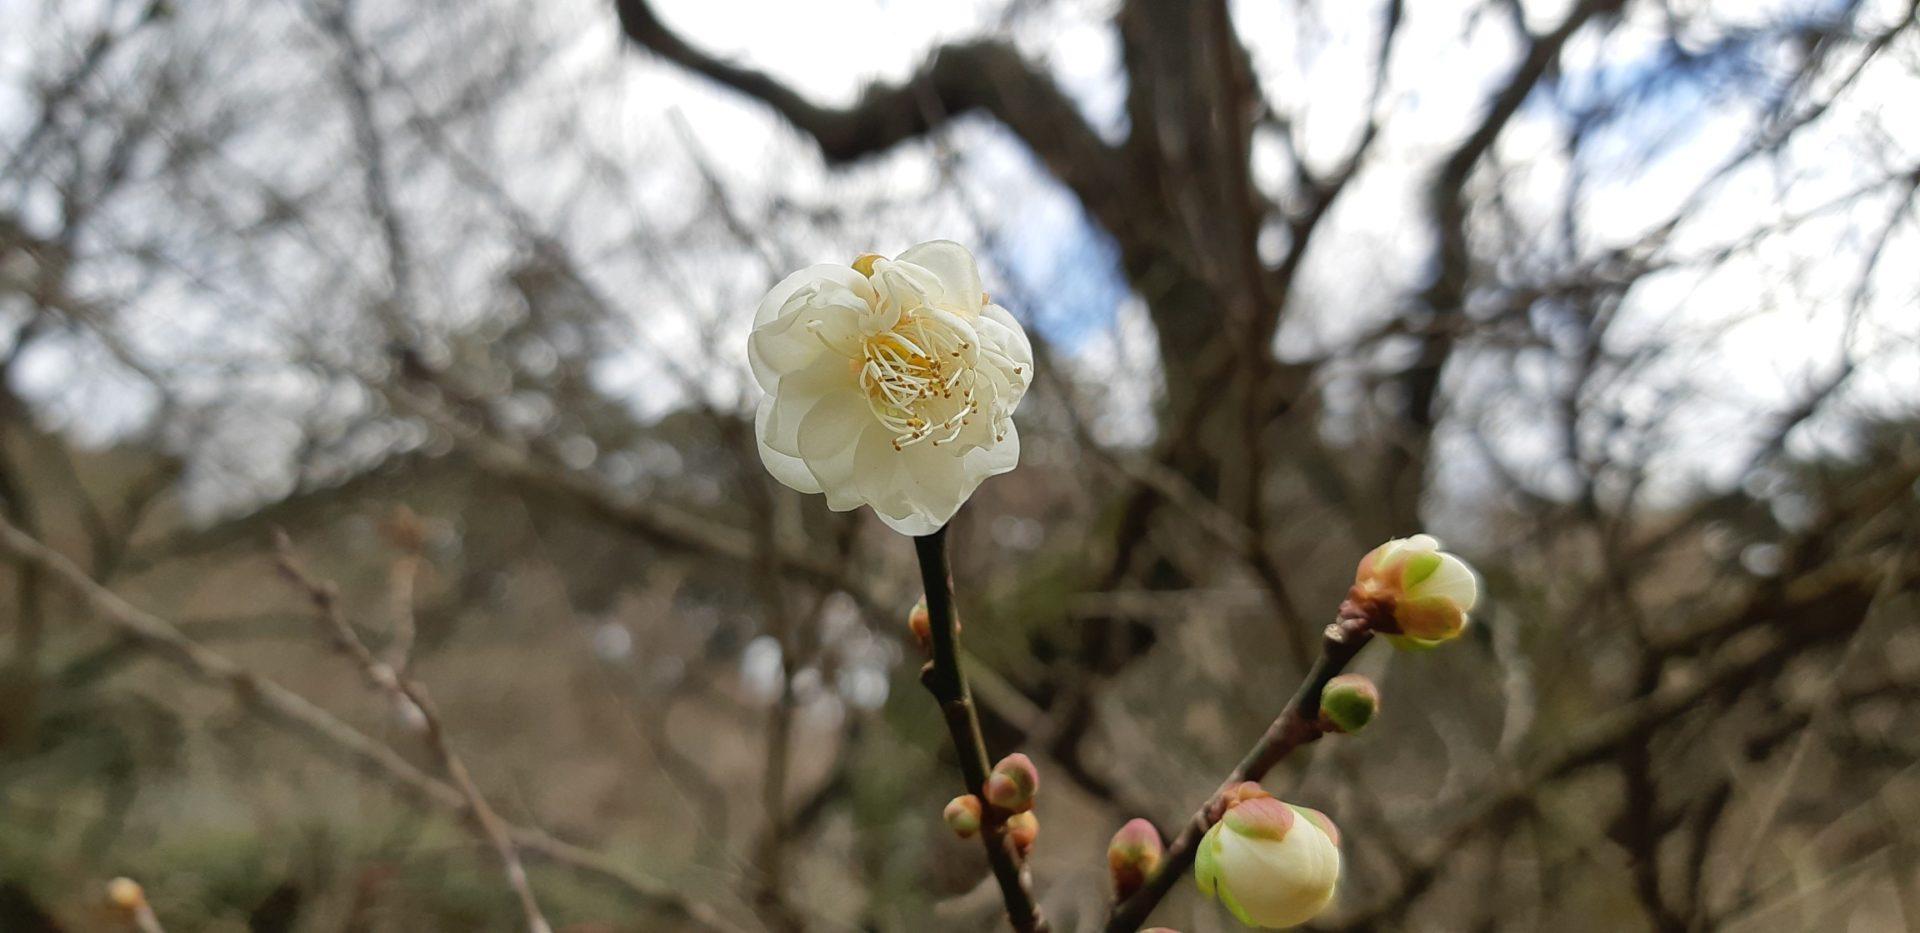 ポツポツの開花が進む『熱海梅園』の梅~12月25日撮影~